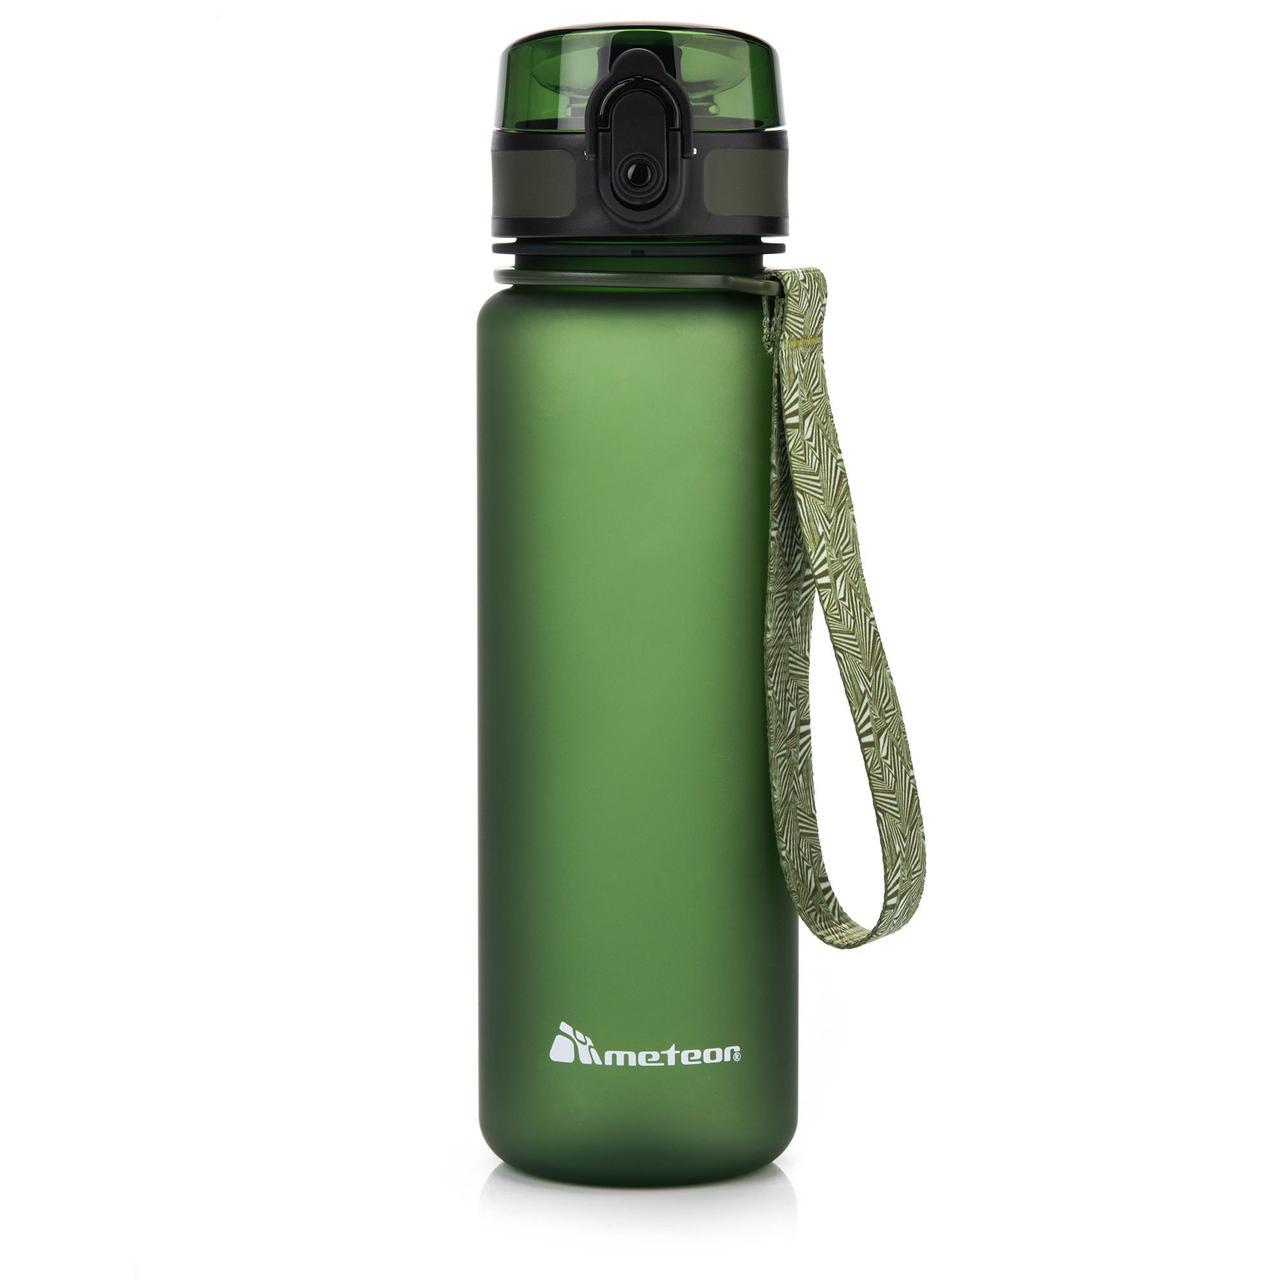 Пляшка для води спортивна Meteor (original) 0,5 L, спортивний поїльник, спортивна фляга